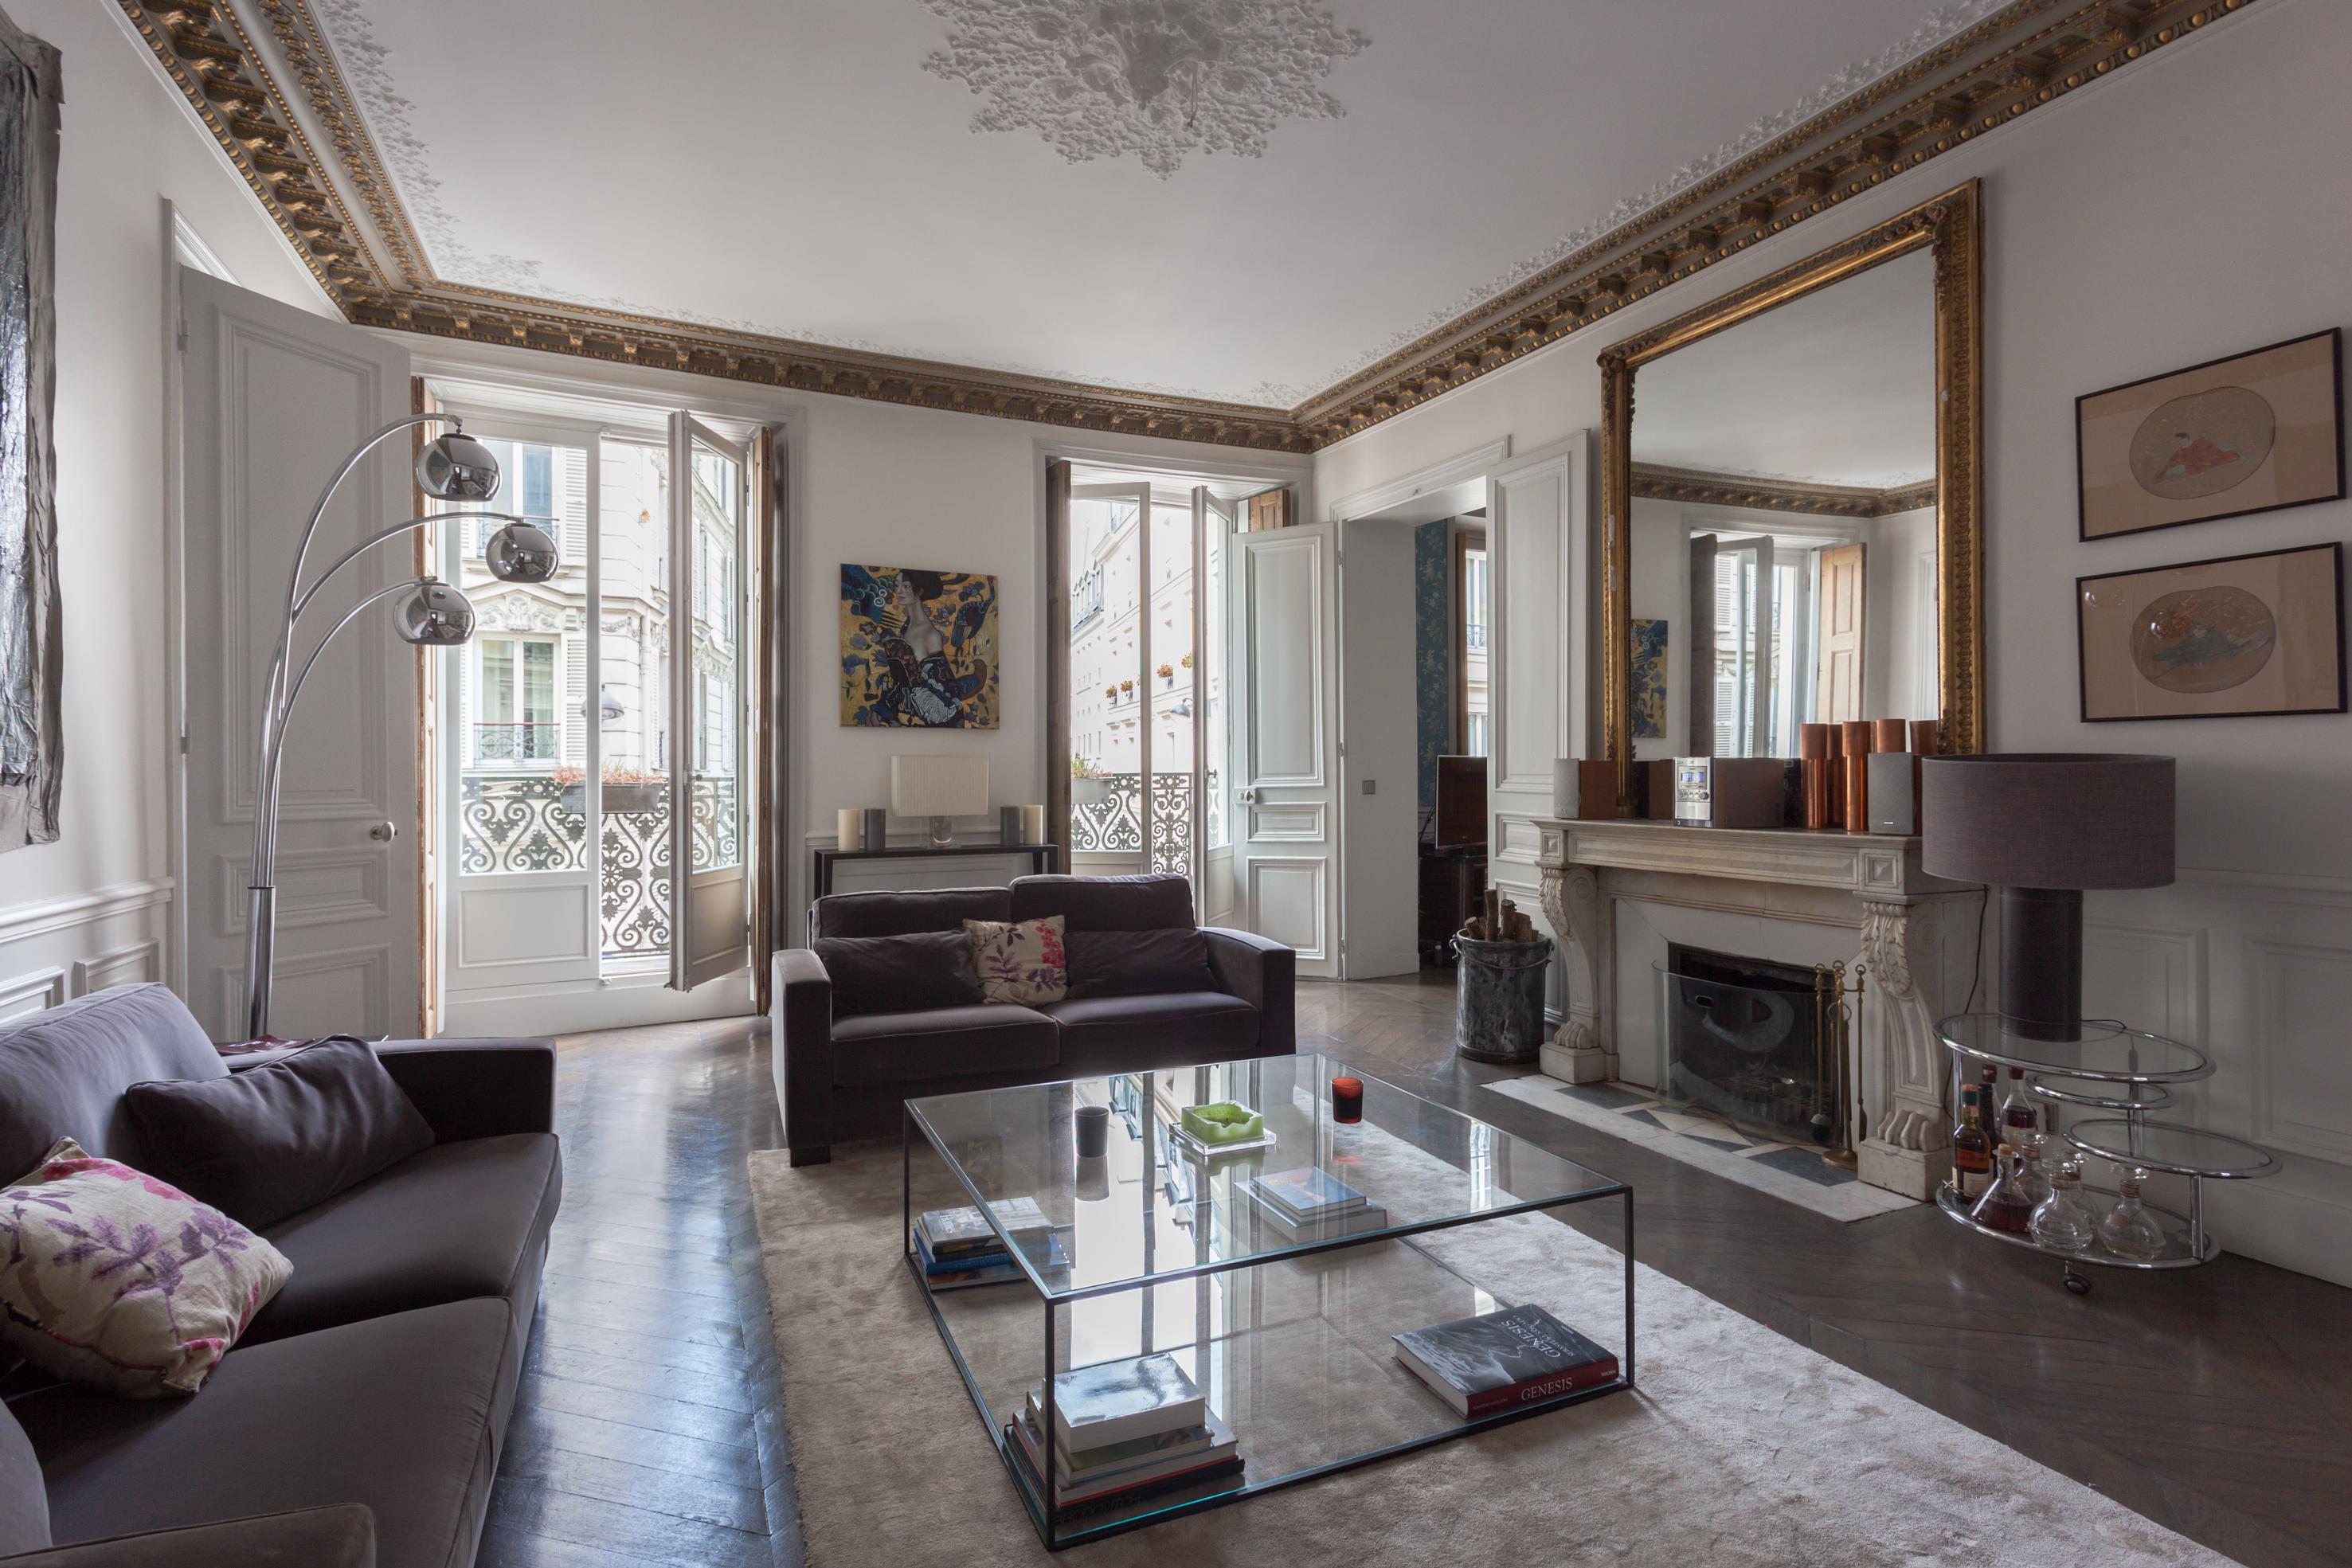 гостиная французские окна деревянные ставни белые двери высокий потолок лепнина потолочный карниз розетка камин зеркало